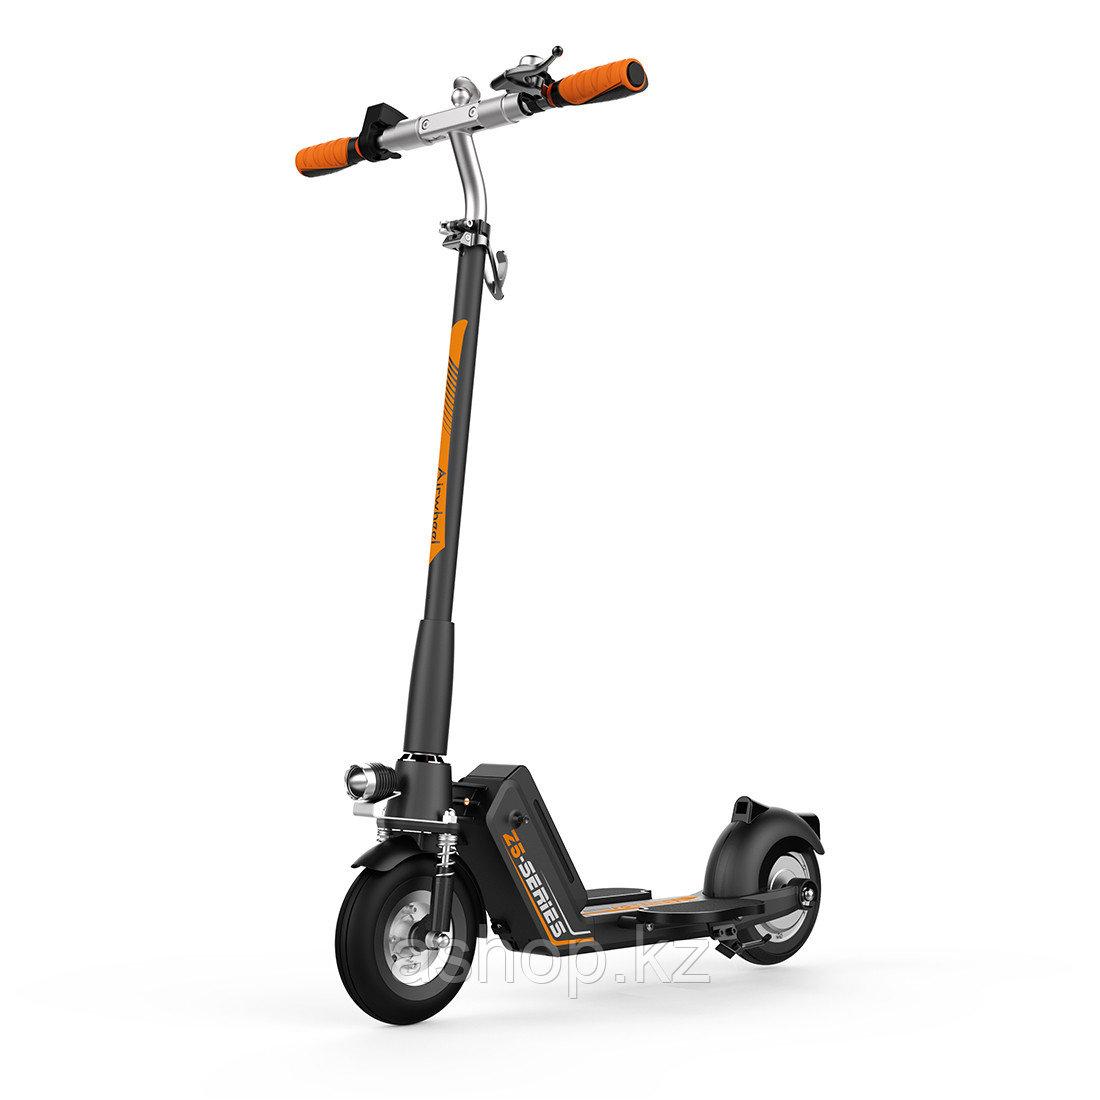 Самокат электрический Airwheel Z5W, Скорость (max.): 20 км/ч, Запас хода: 20 - 25 км, Нагрузка: 100 кг, Угол п